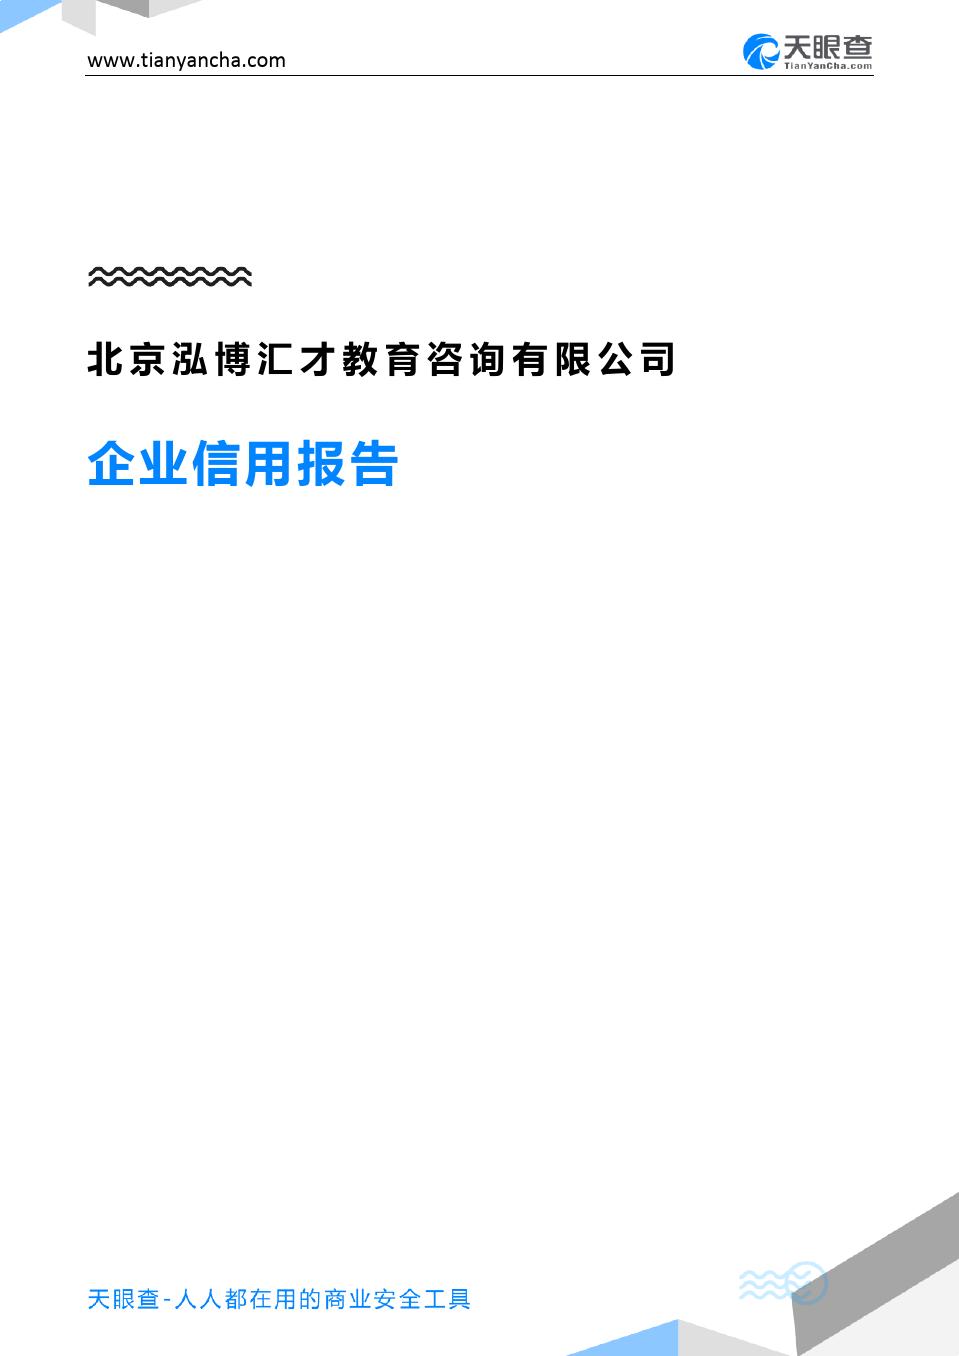 北京泓博汇才教育咨询有限公司企业信用报告-天眼查